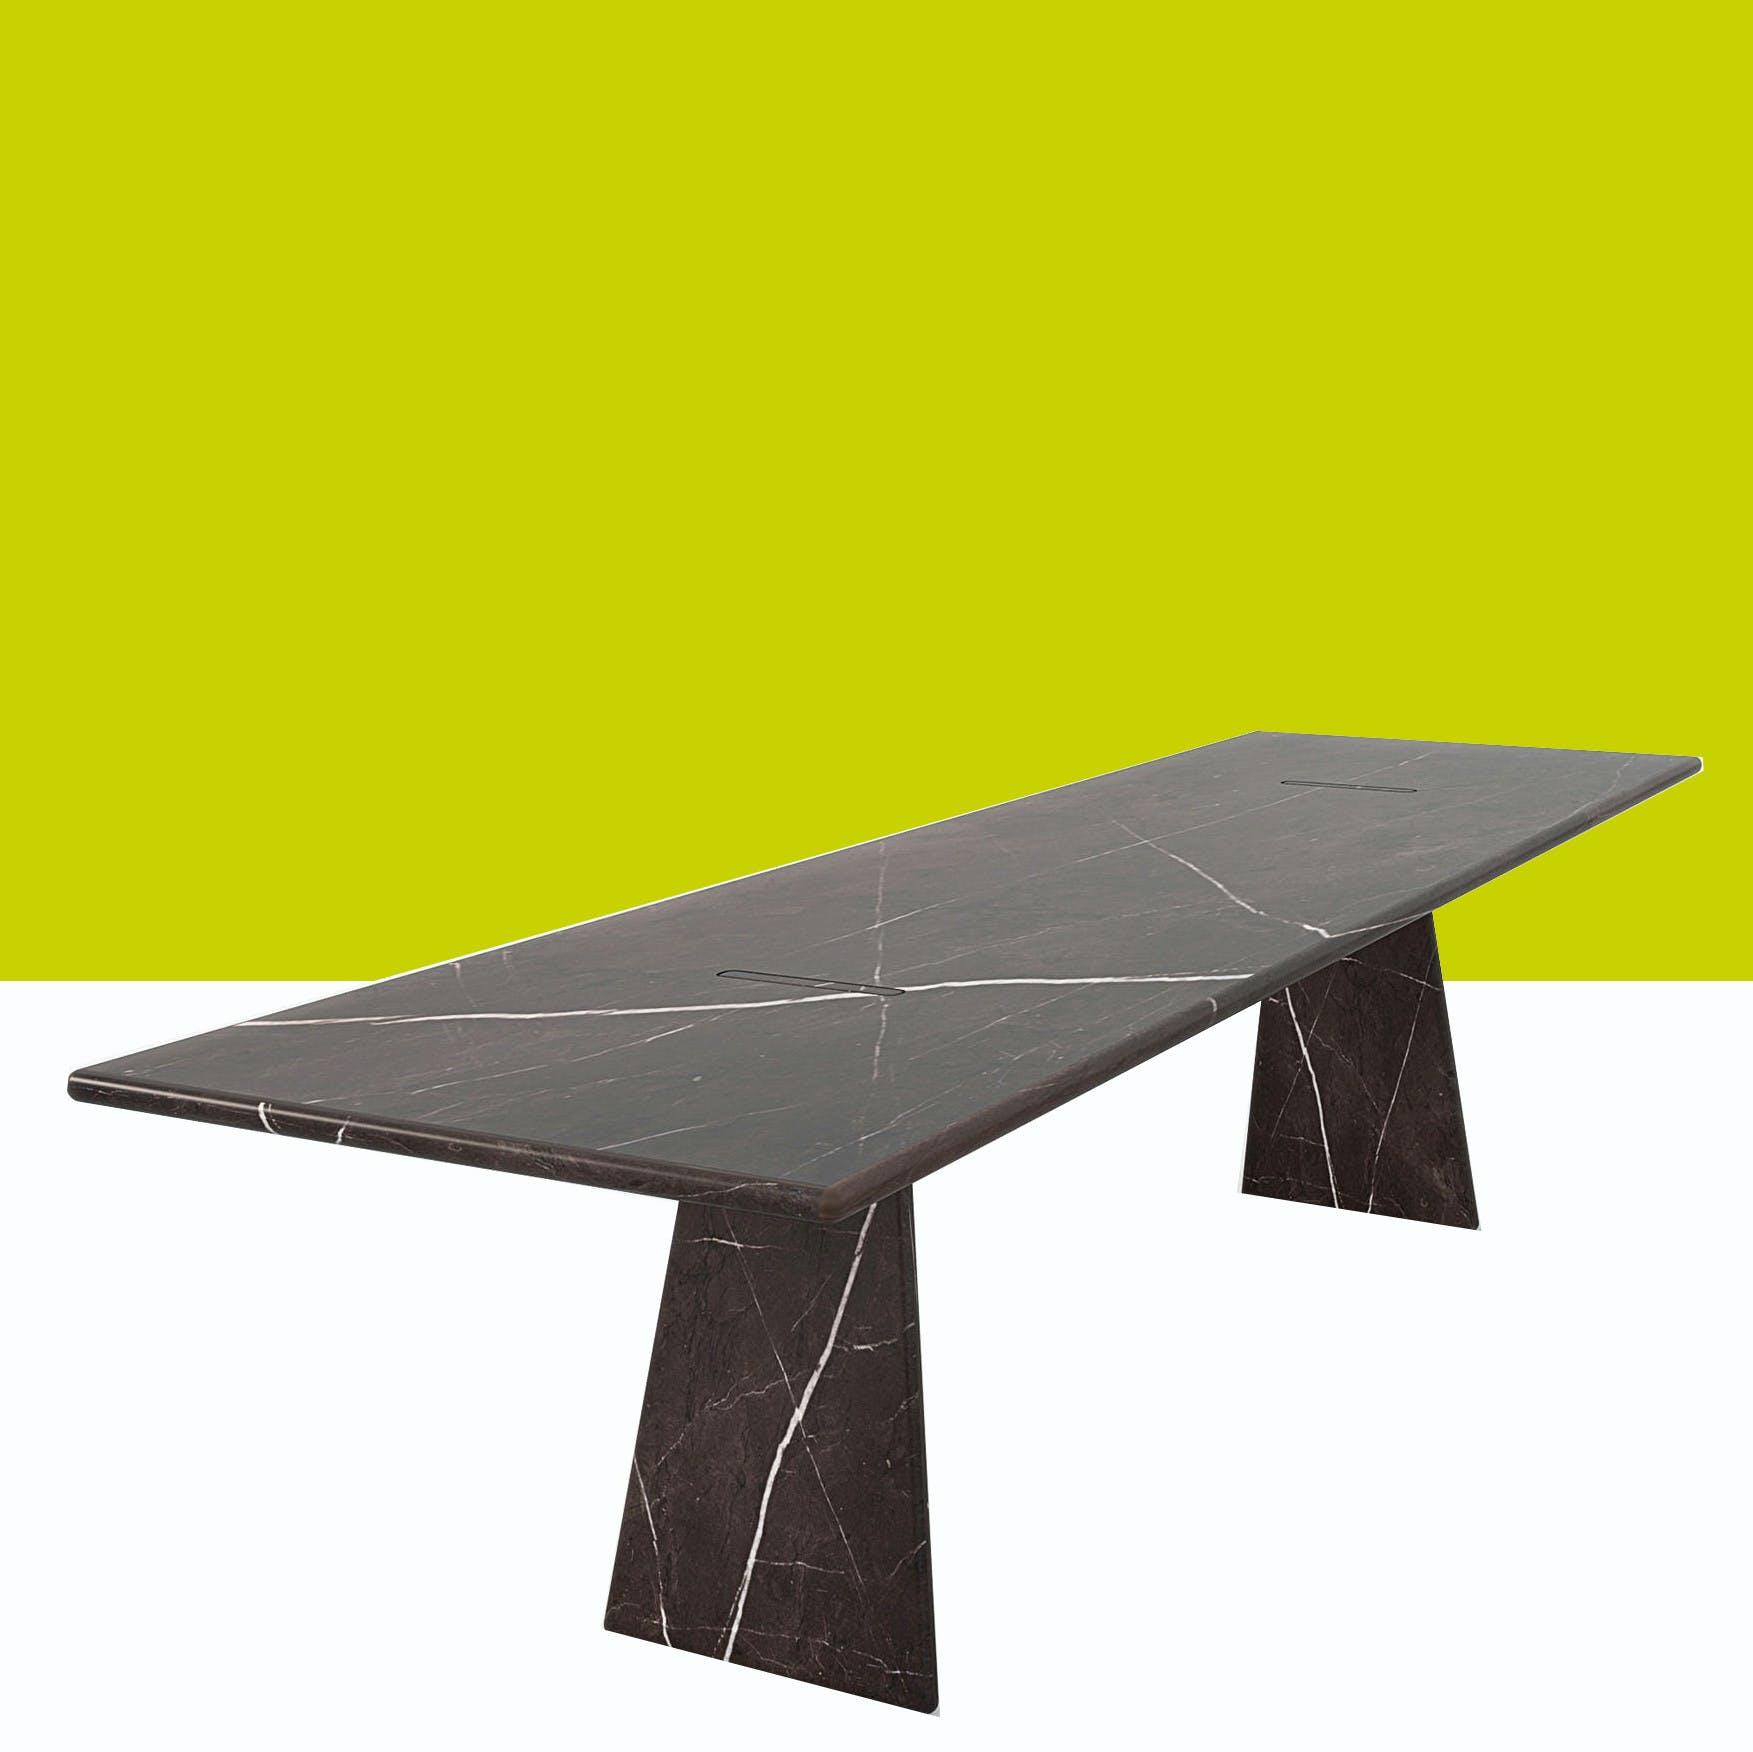 Agapecasa Asolo Table Thumbnail Haute Living